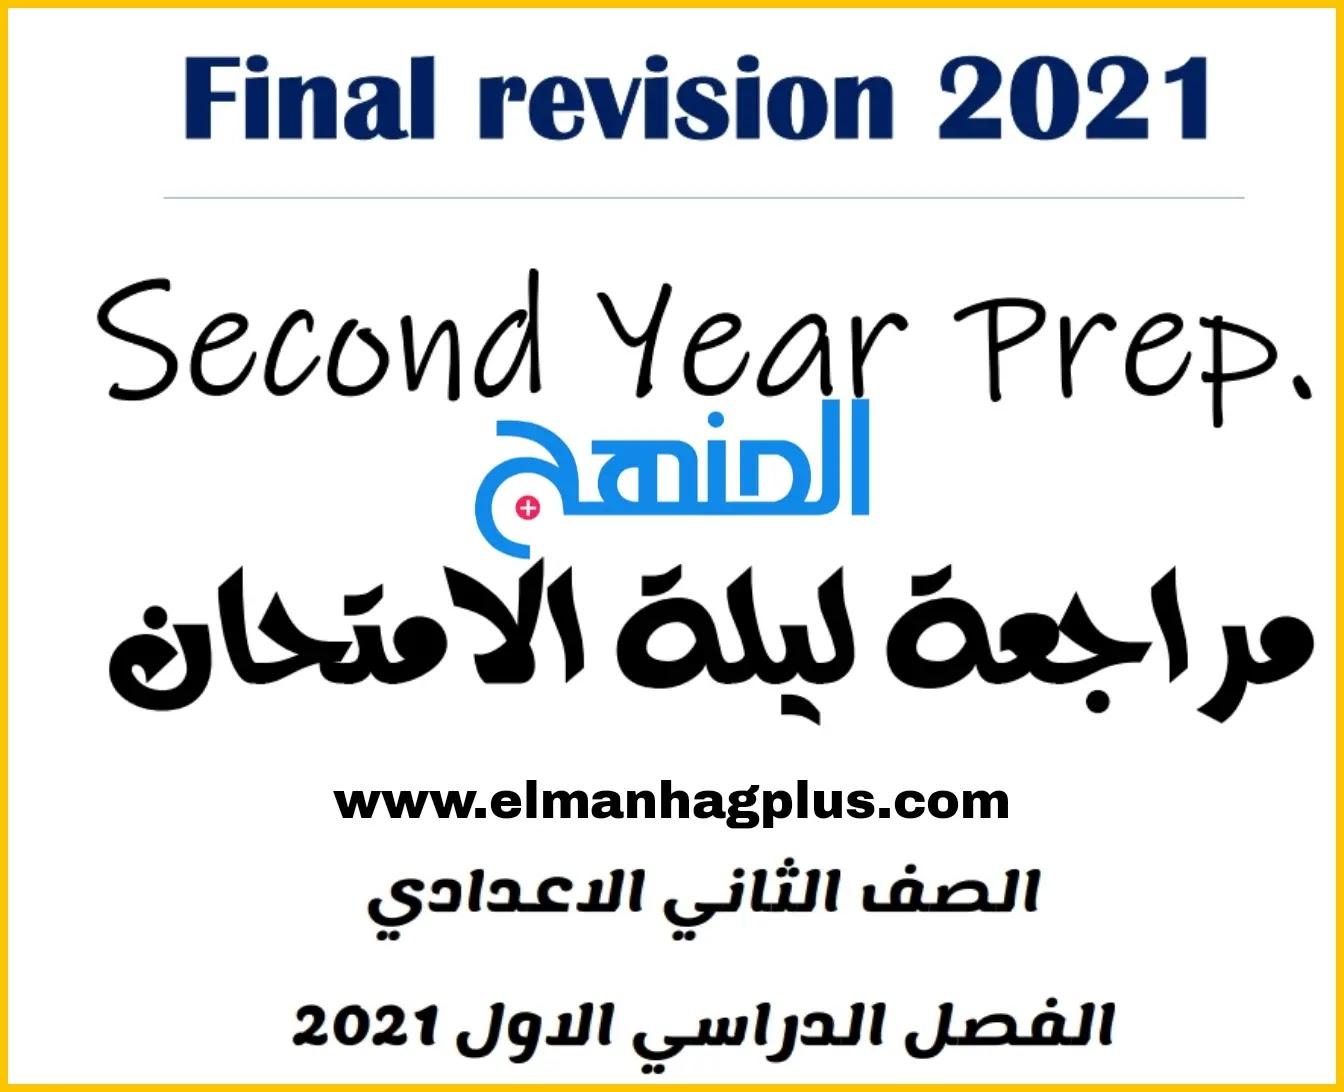 مراجعة ليلة الامتحان في اللغة الانجليزية للصف الثاني الأعدادي الترم الأول 2021